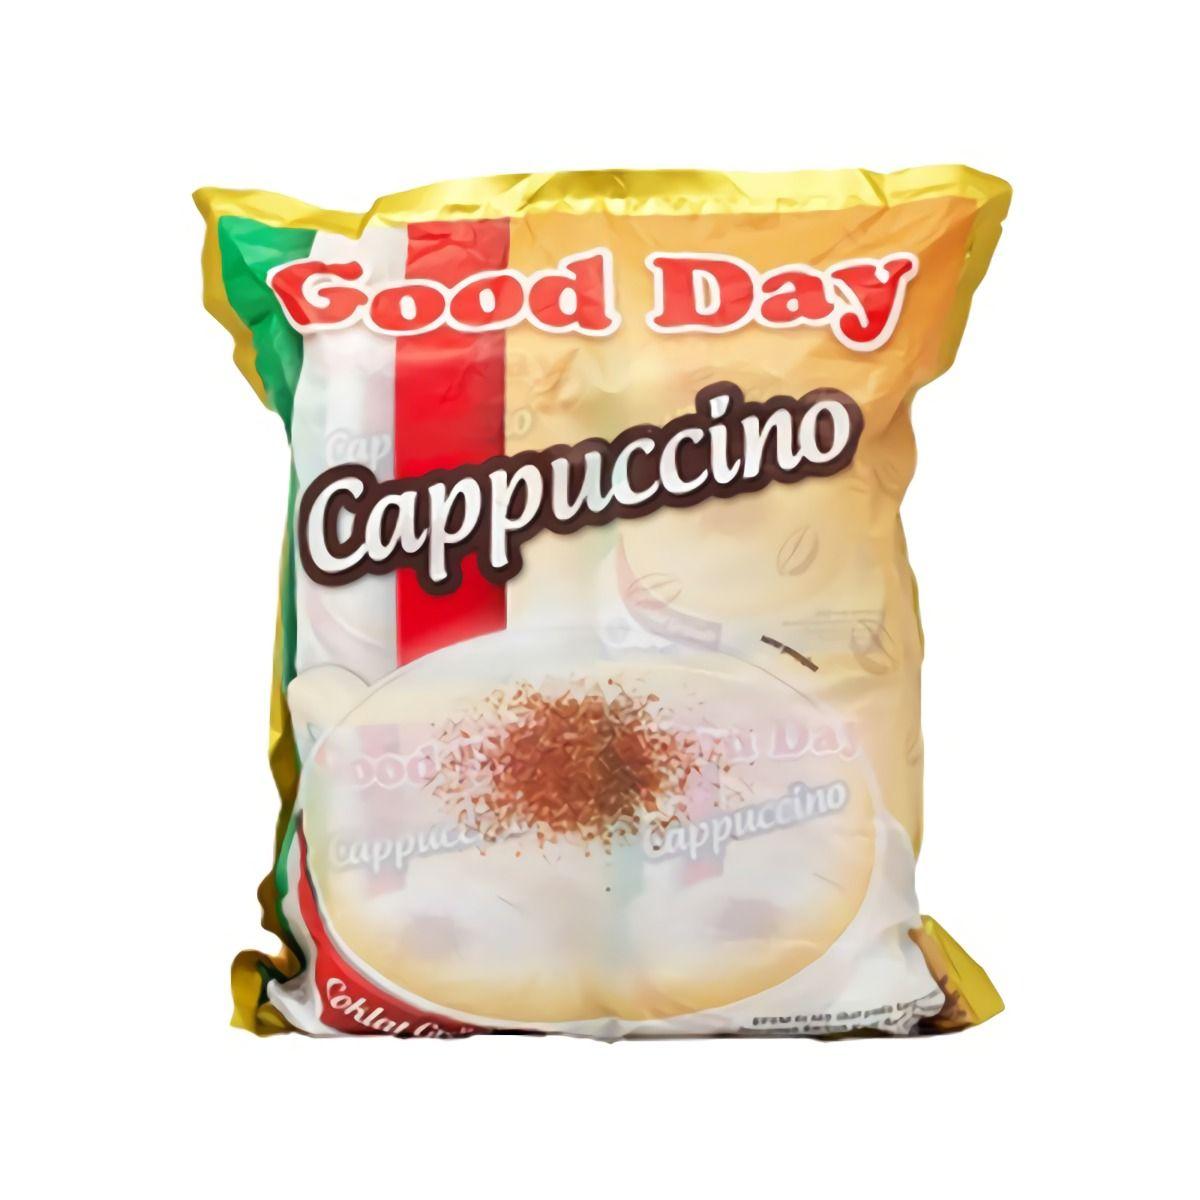 کاپوچینو گود دی Good Day بسته ۳۰ عددی